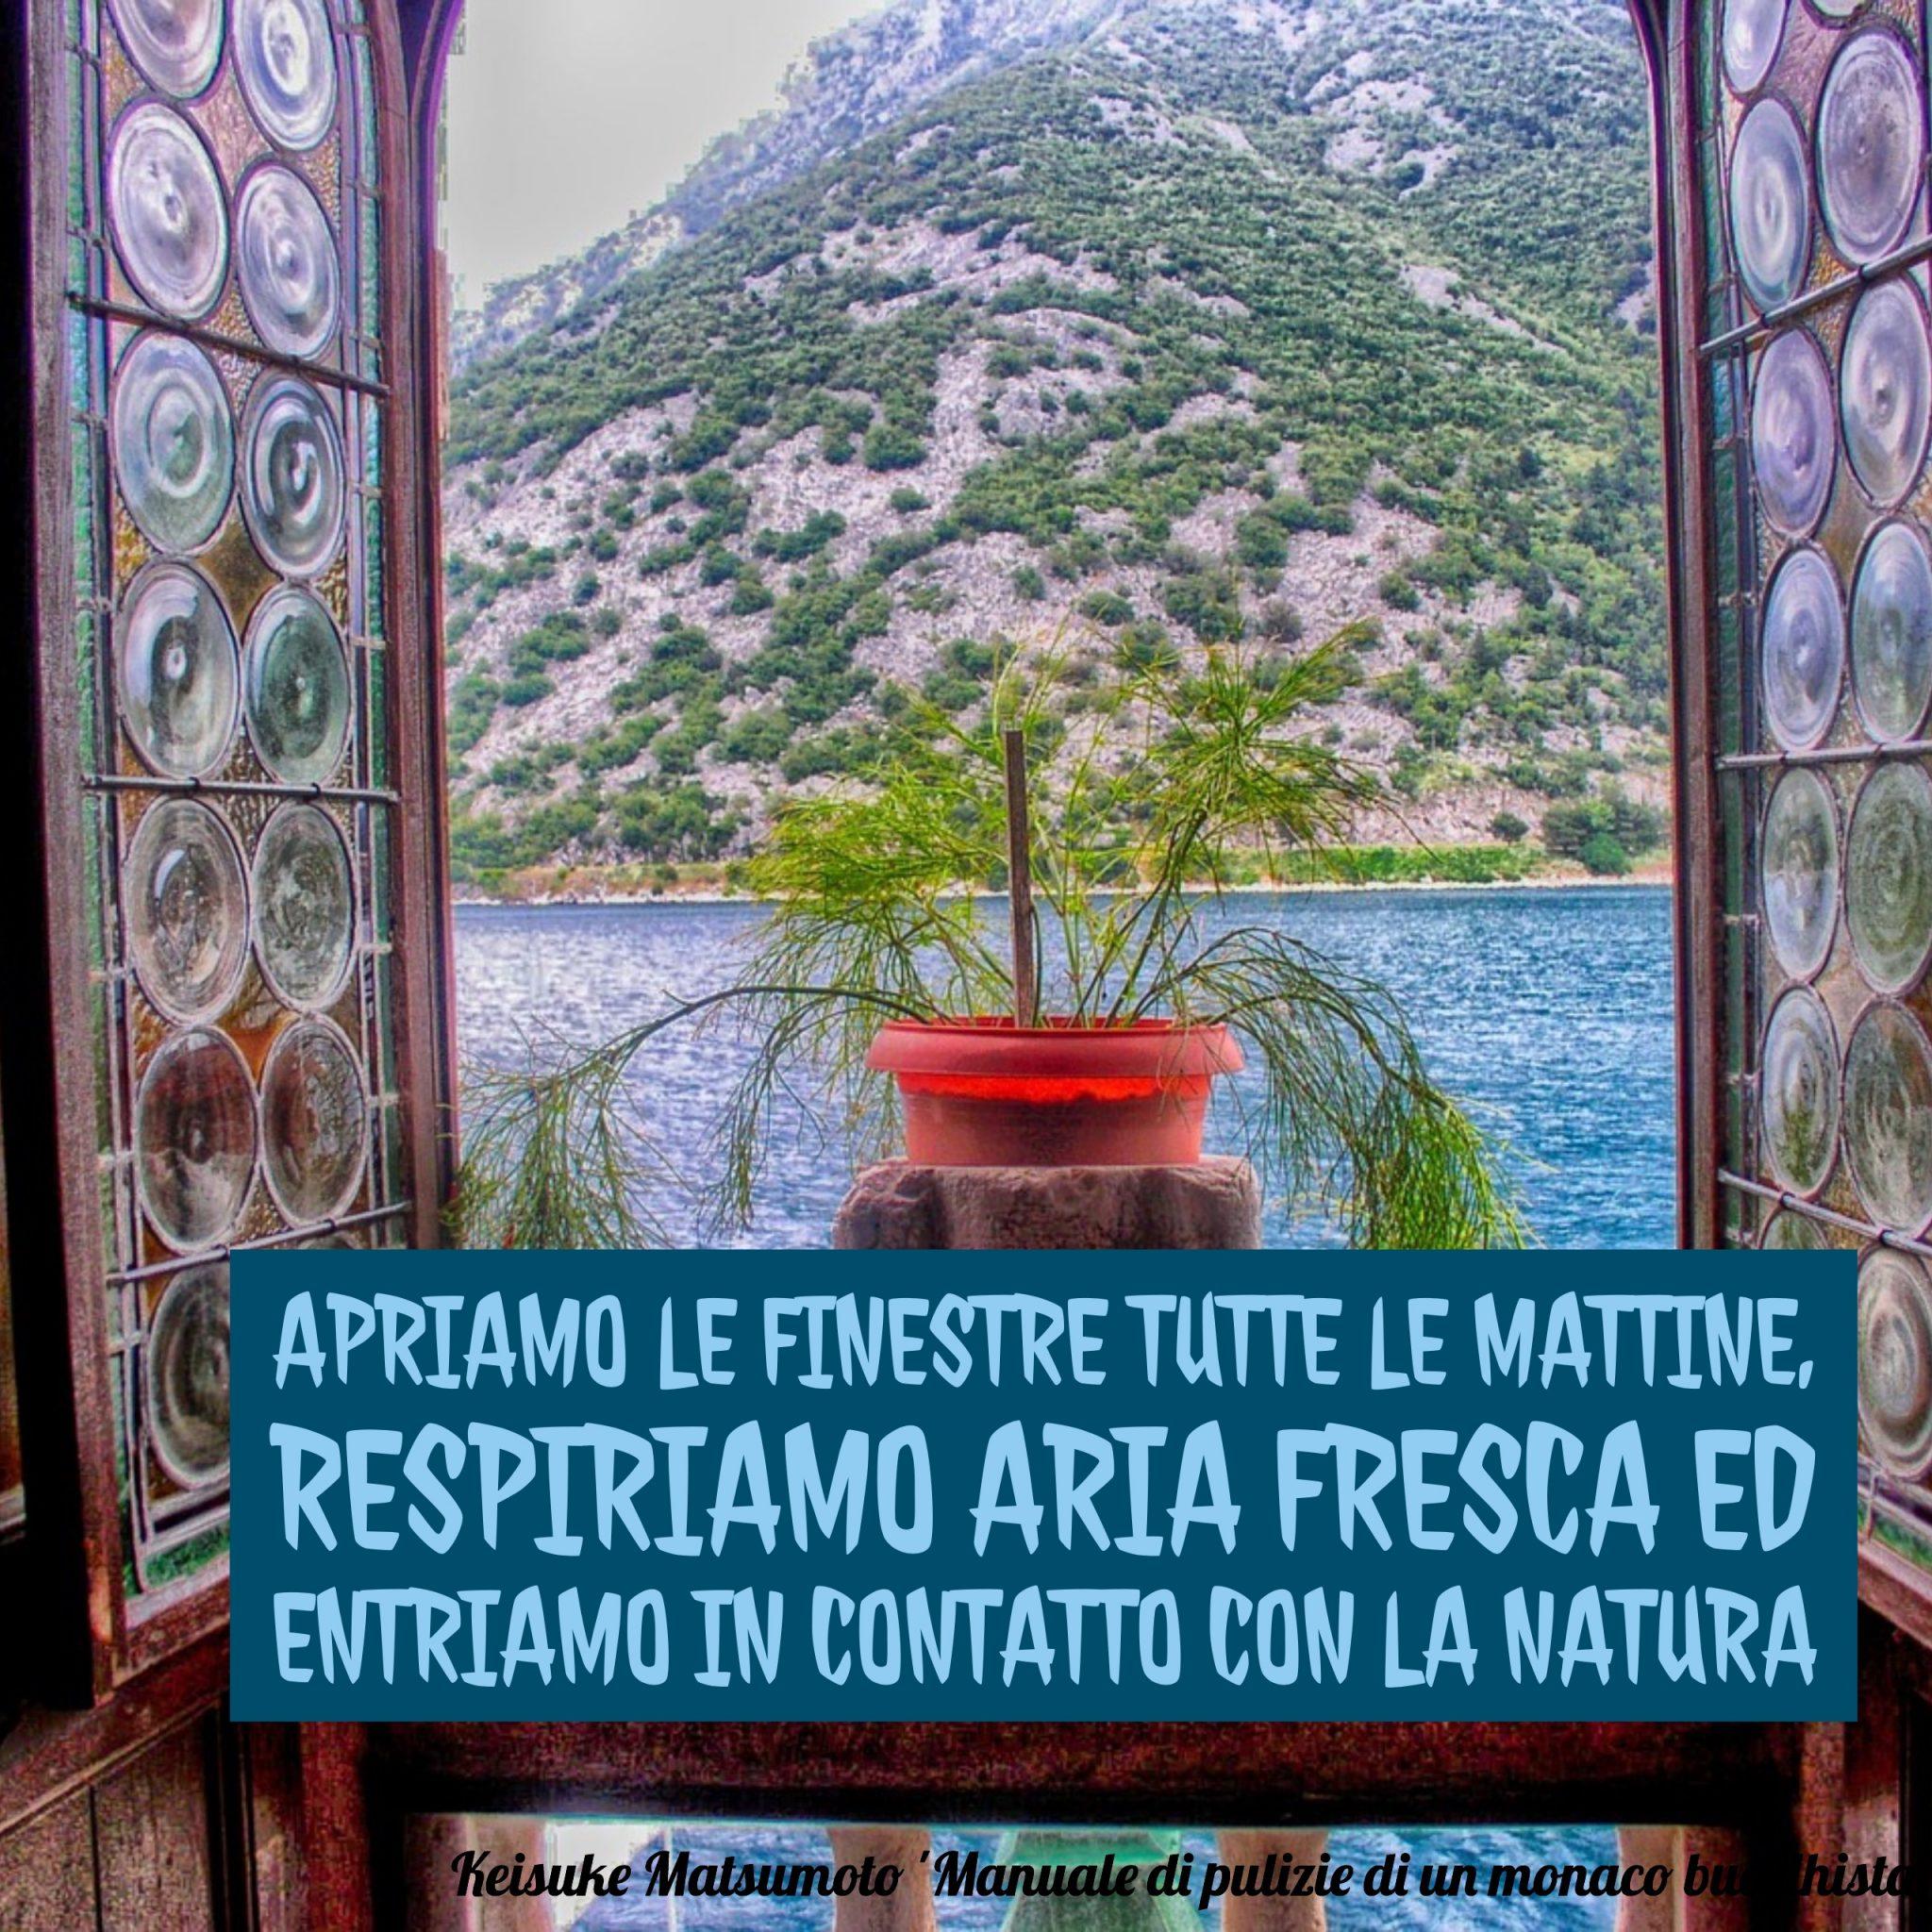 Pulizie: per prima cosa, aprire la finestra - foto pubblicata da tatianaberlaffa.com